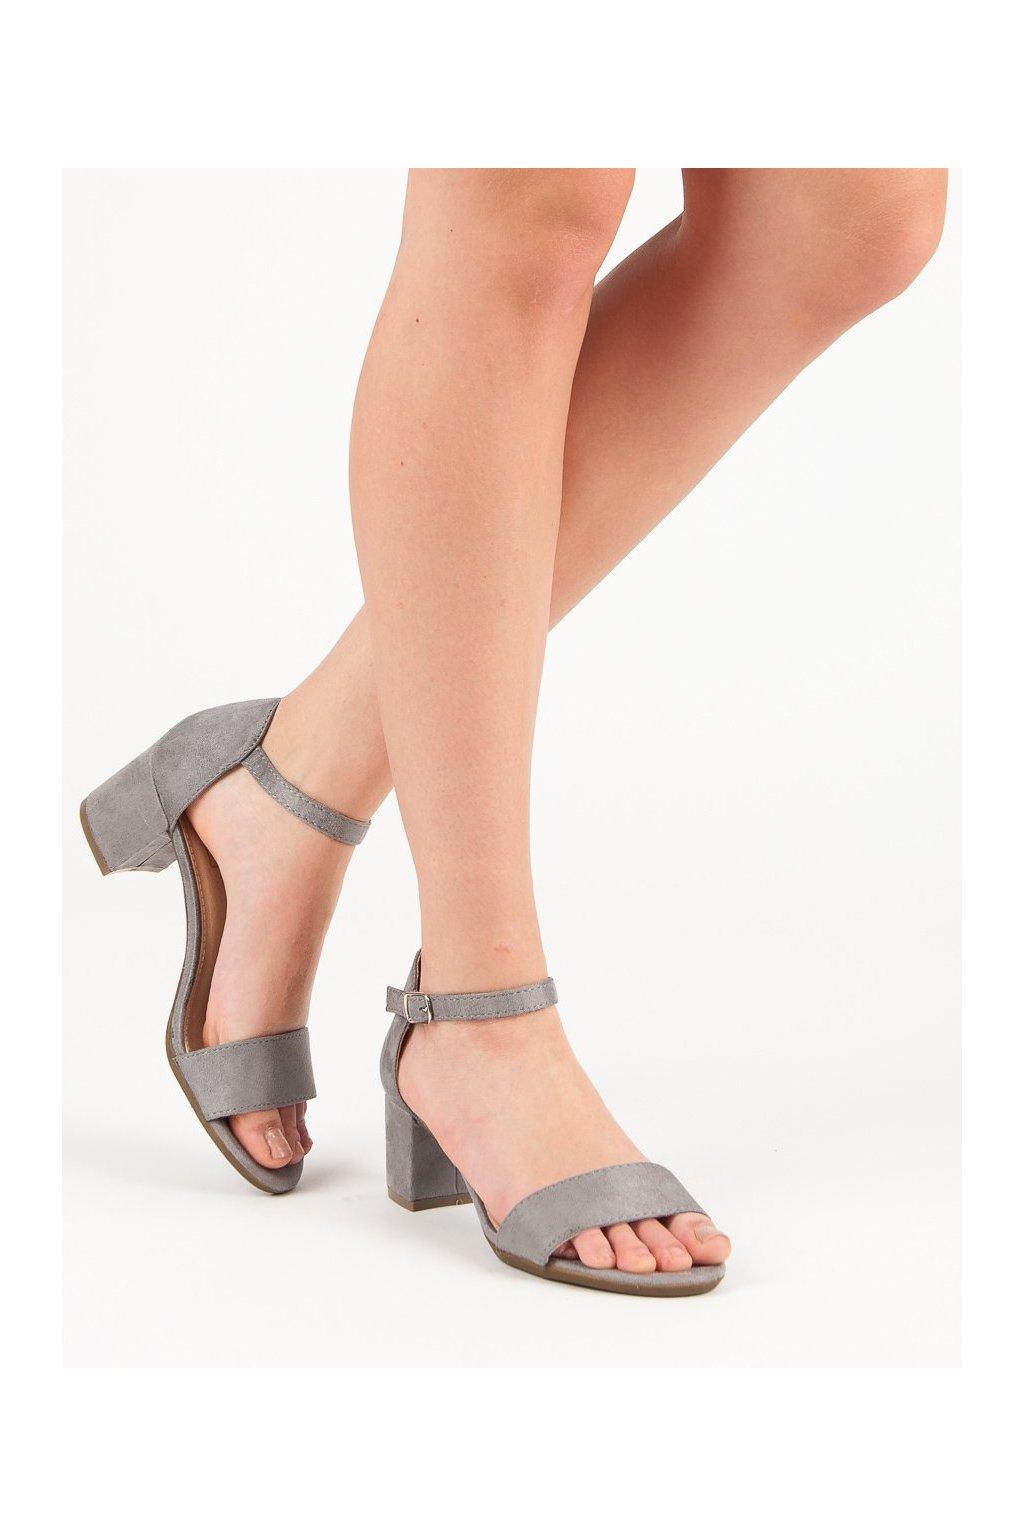 Sivé sandále Filippo kod DS787/18G